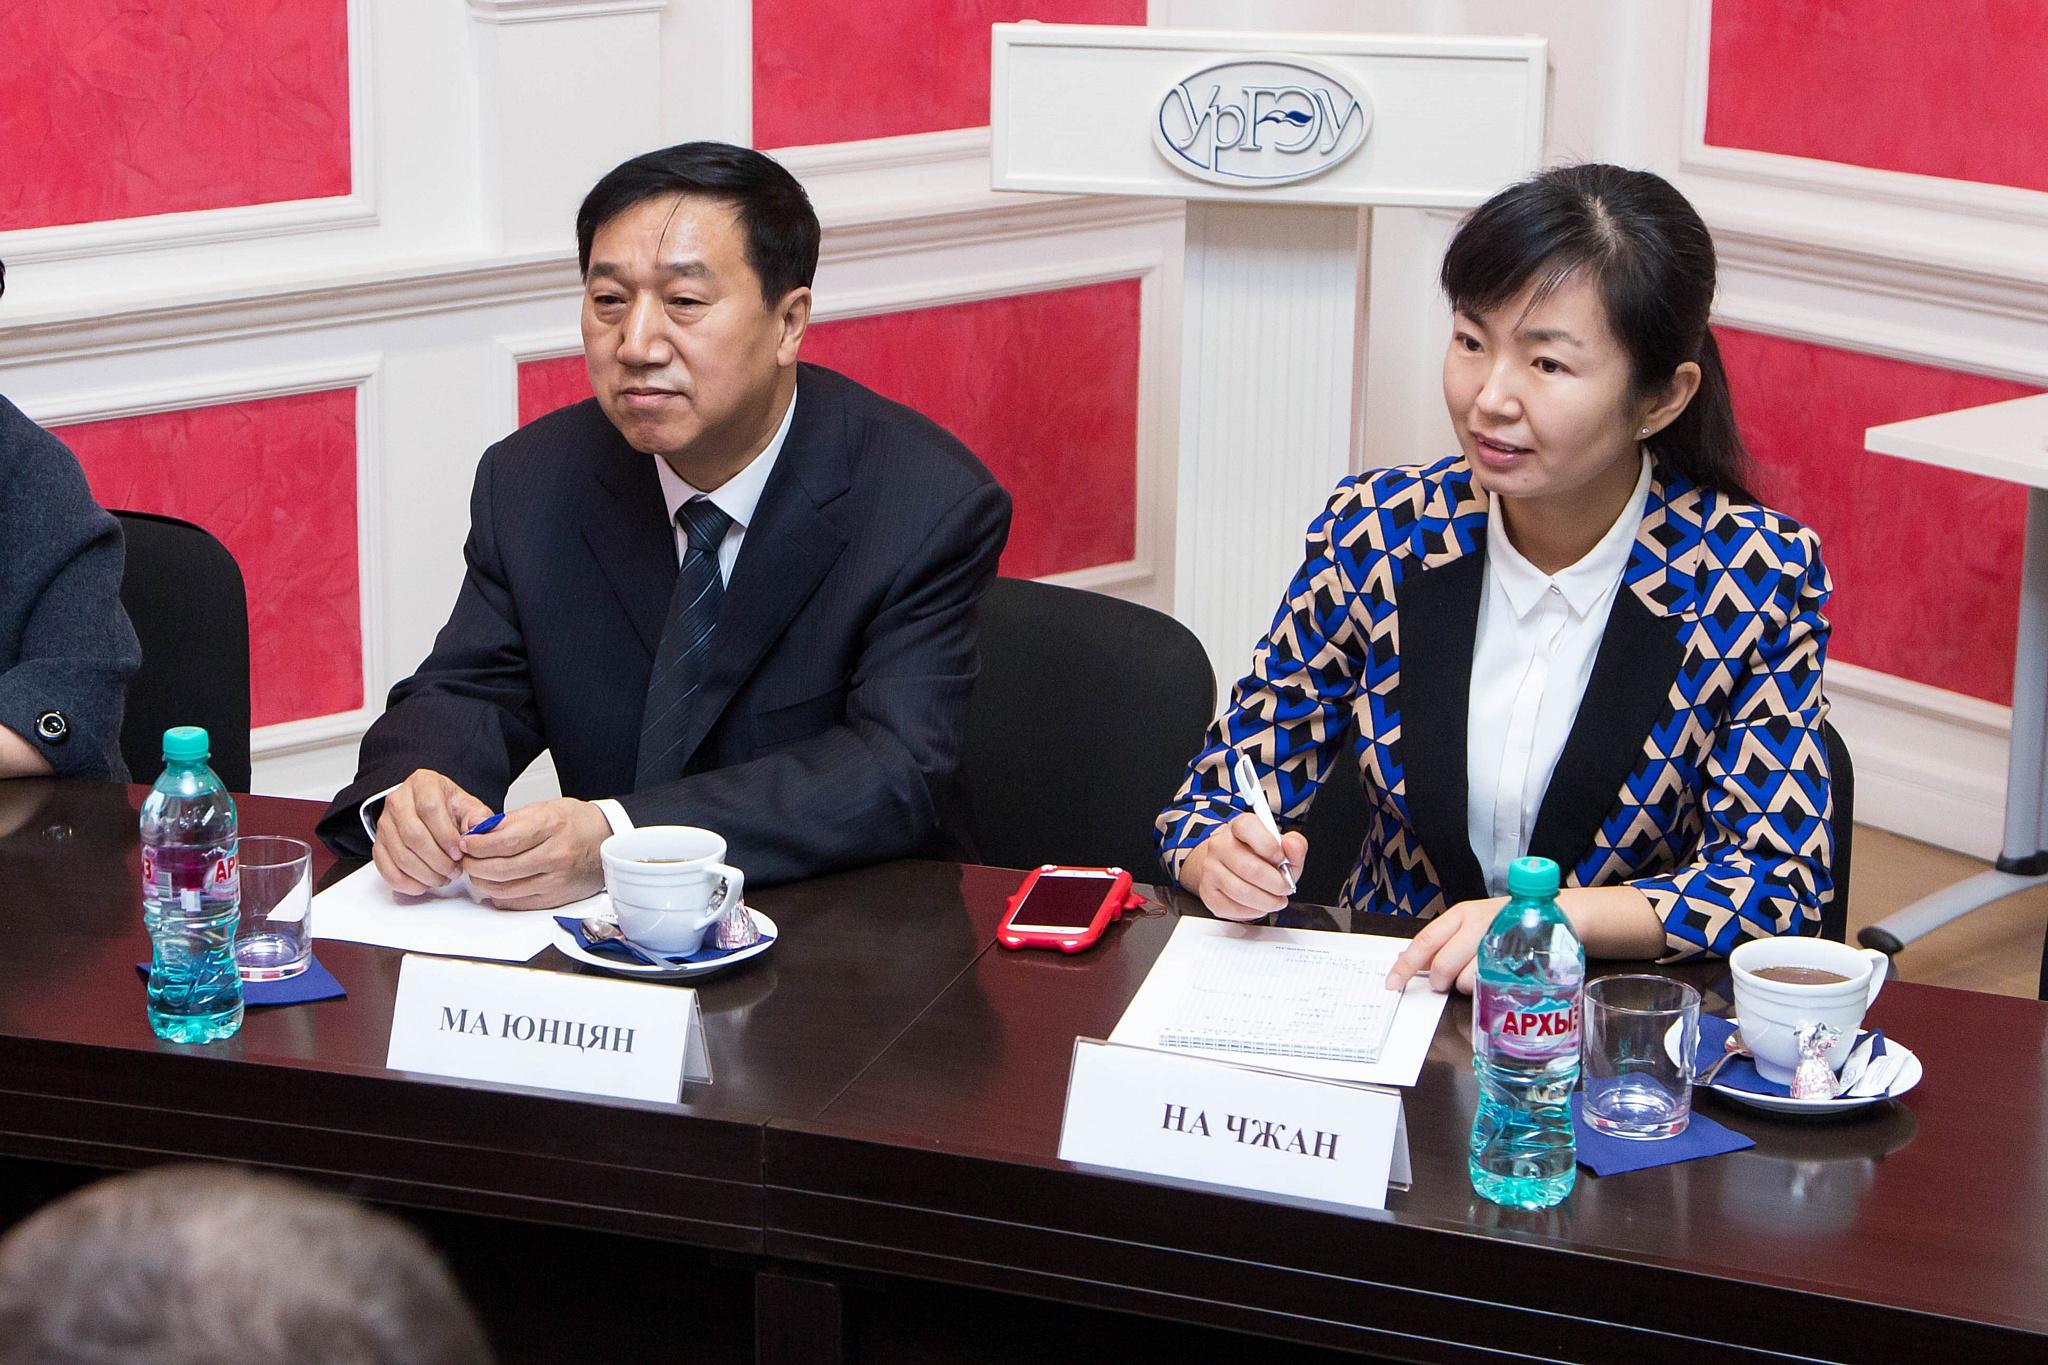 Добро пожаловать: встречаем китайских партнеров!